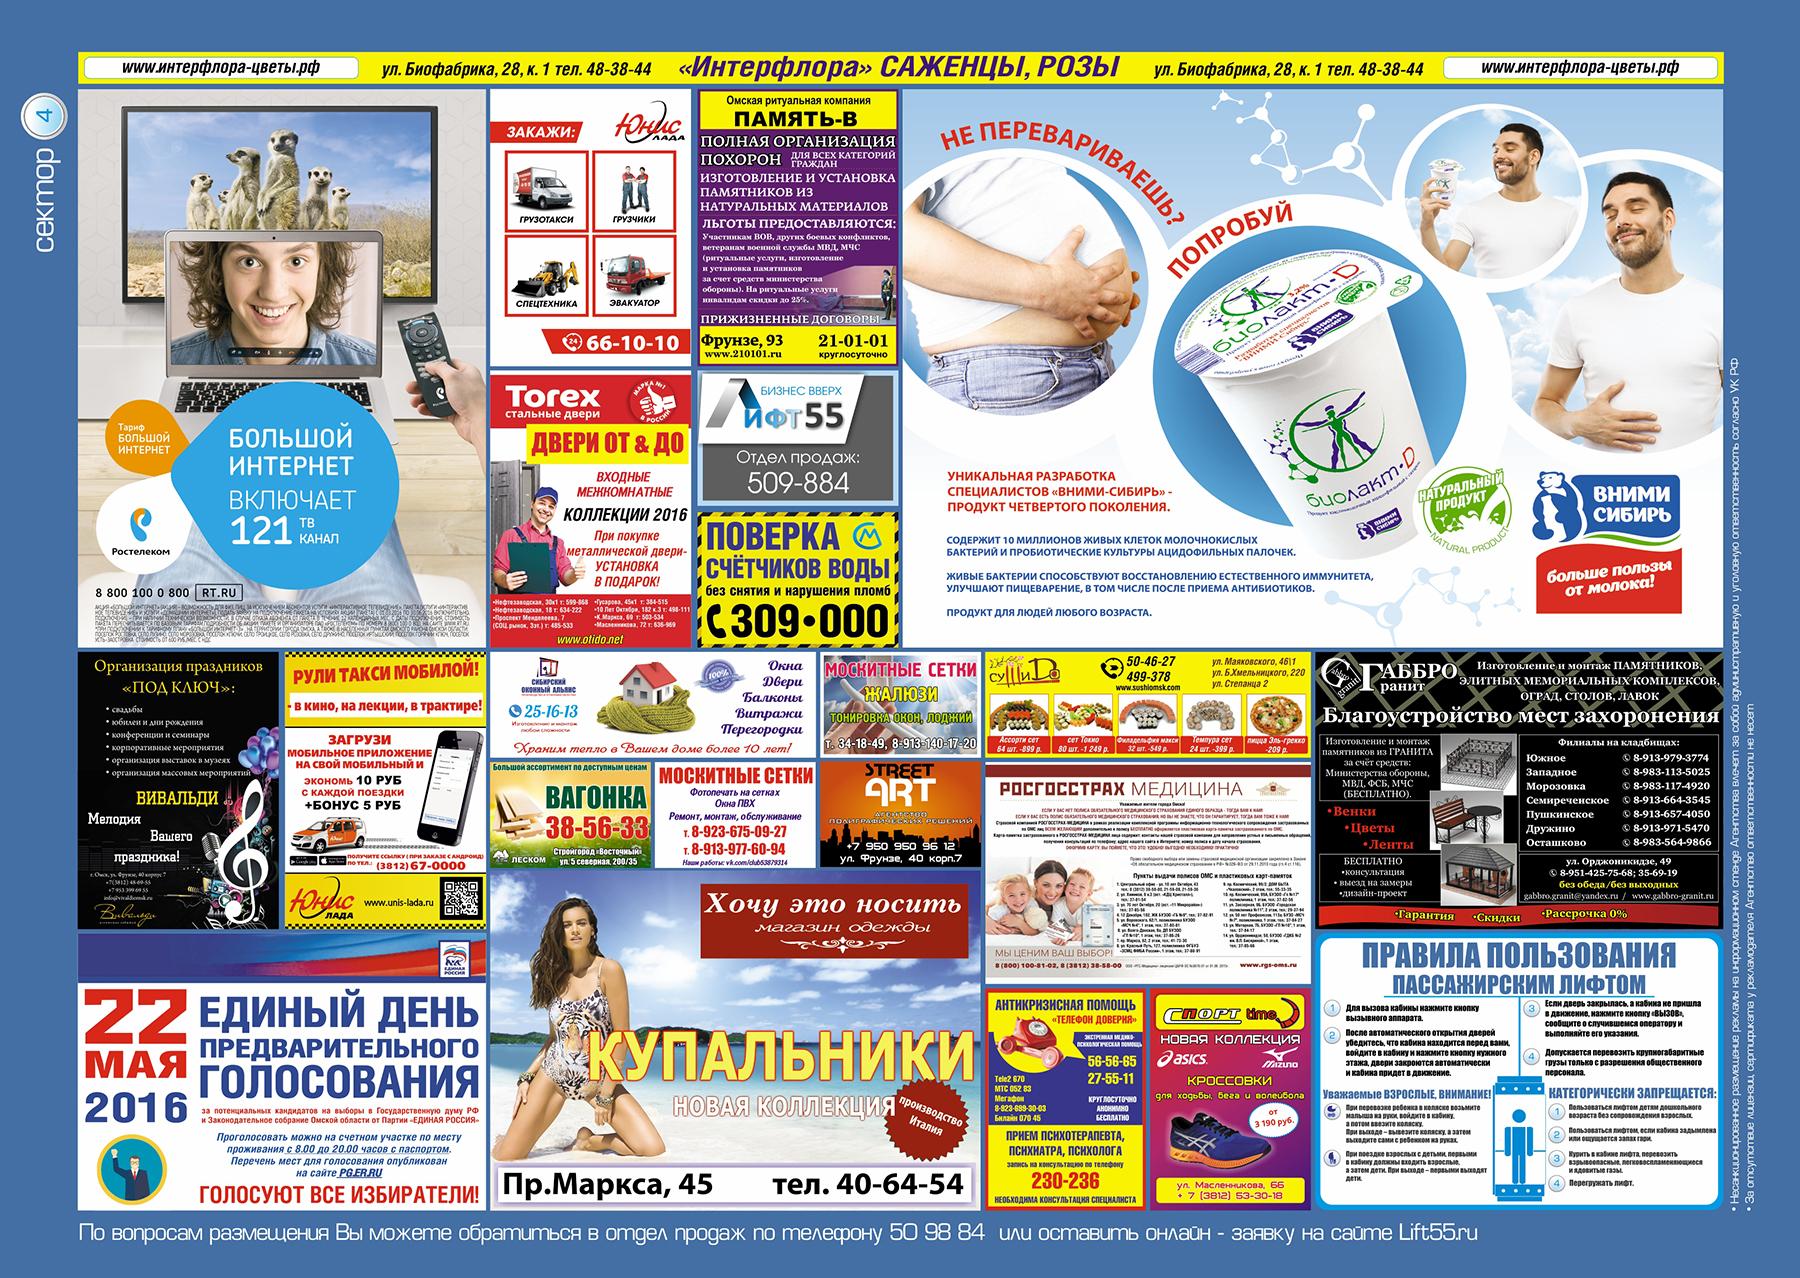 Информационная сетка за май 2016 (сектор 4)